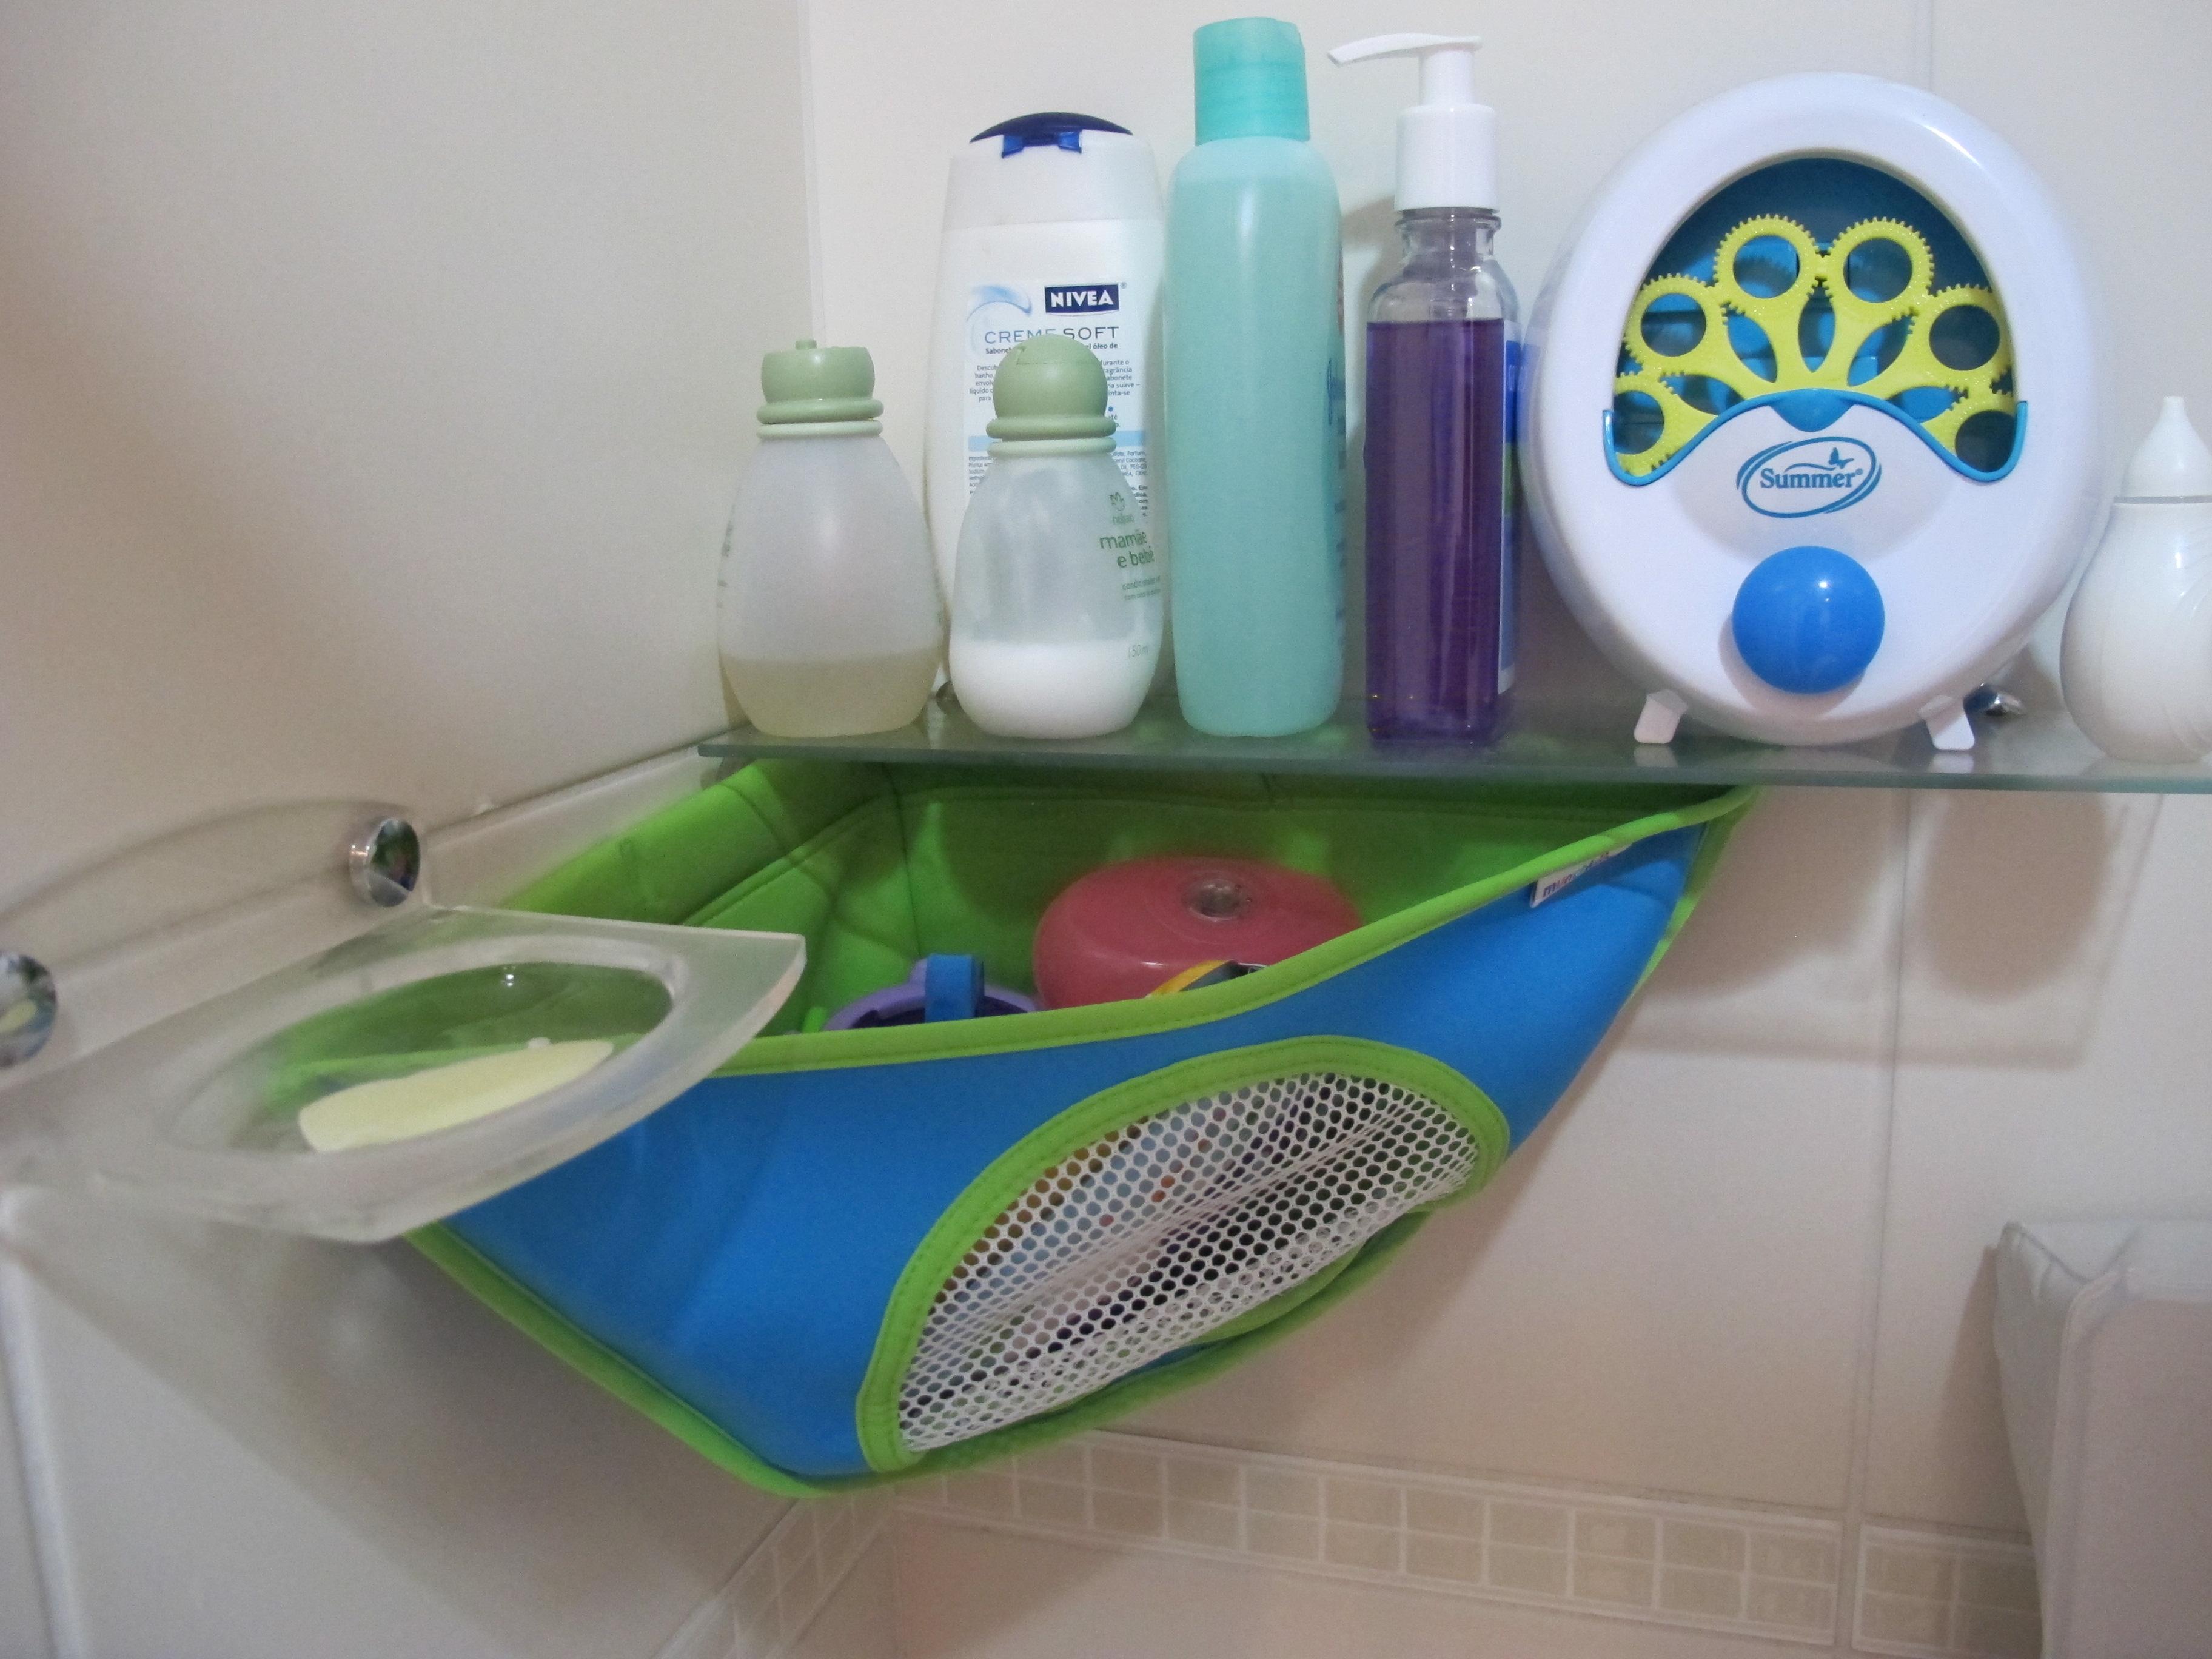 Organizador de Brinquedos para Banheiro Munchkin – Mudei de Opinião  #275E8B 3648x2736 Banheira Inflavel Banheiro